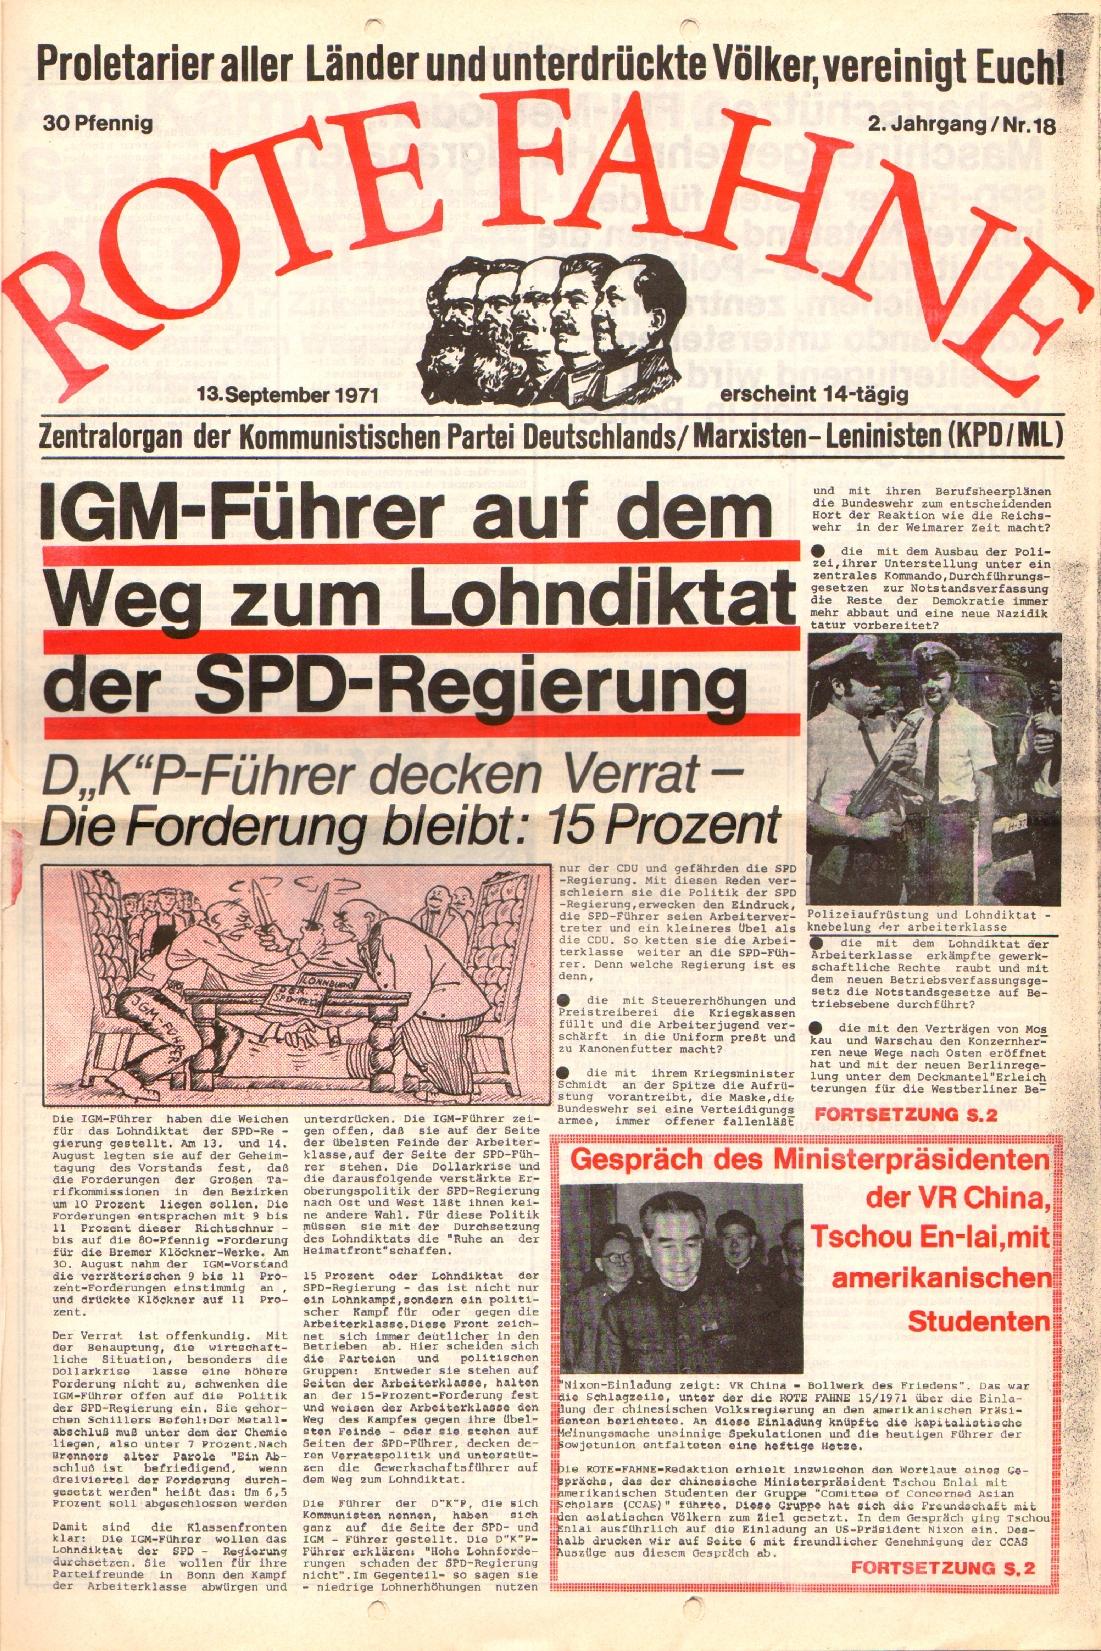 Rote Fahne, 2. Jg., 13.9.1971, Nr. 18, Seite 1